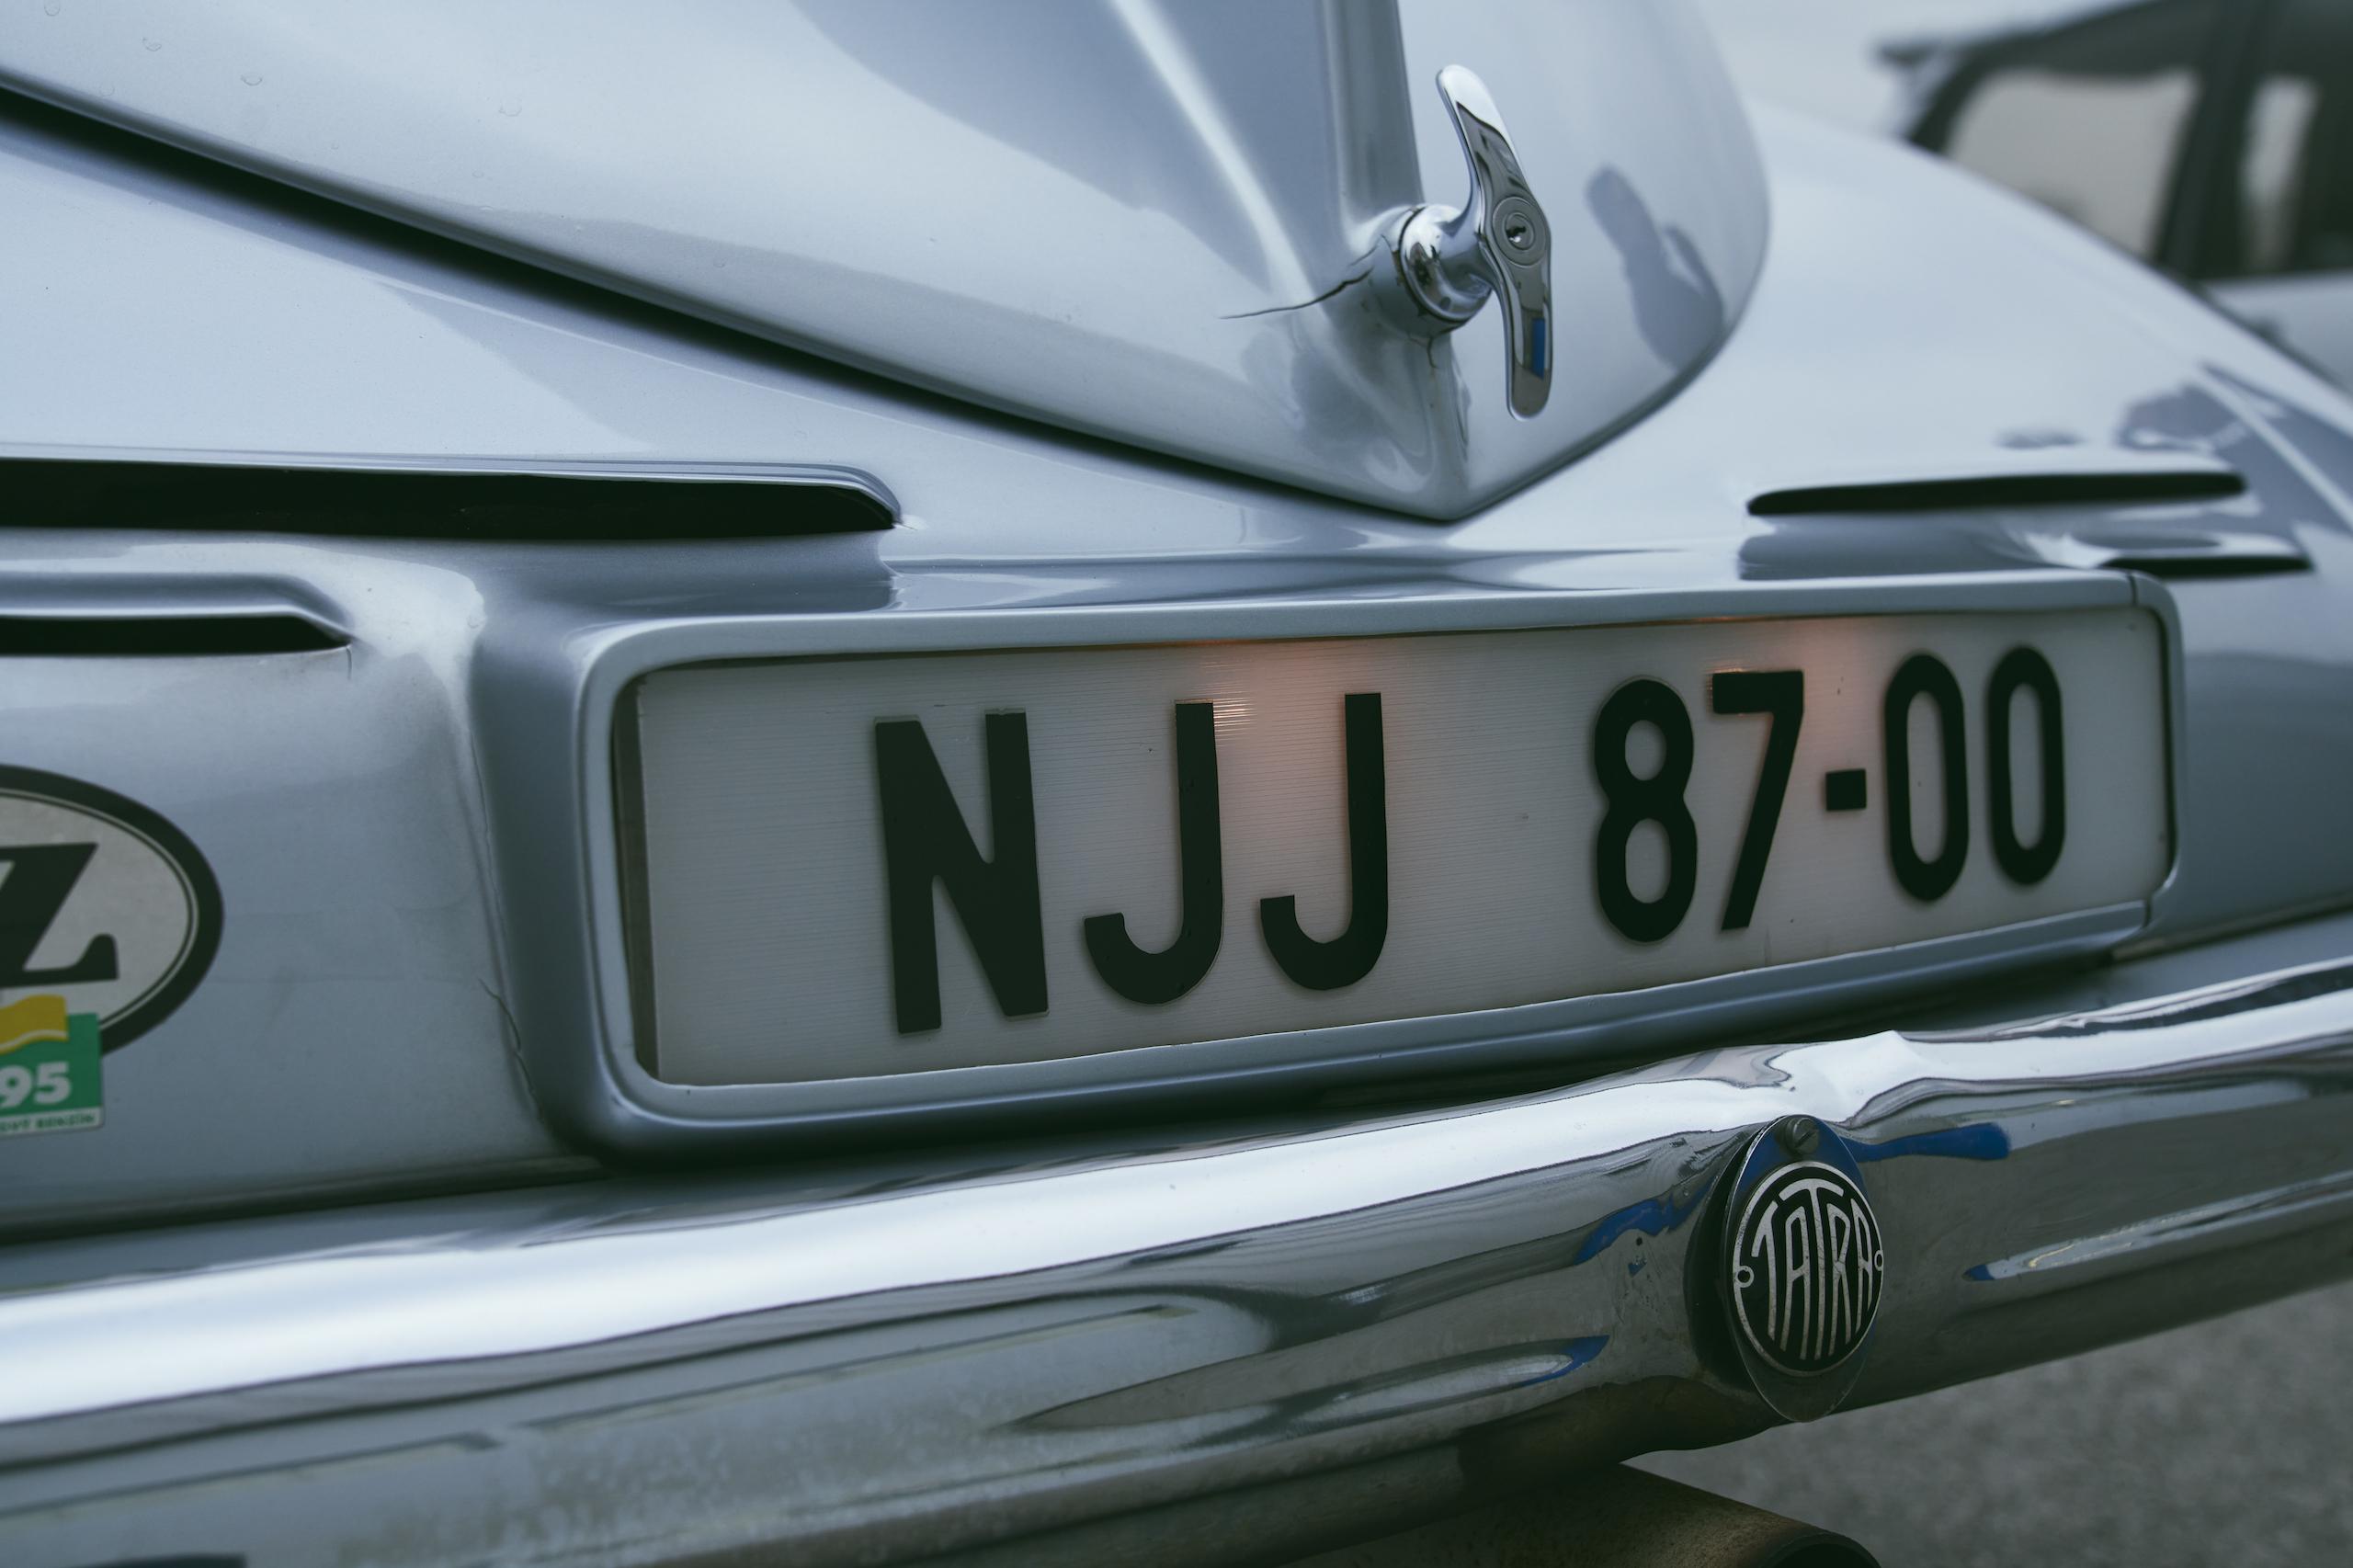 1947 Tatra T87 rear detail